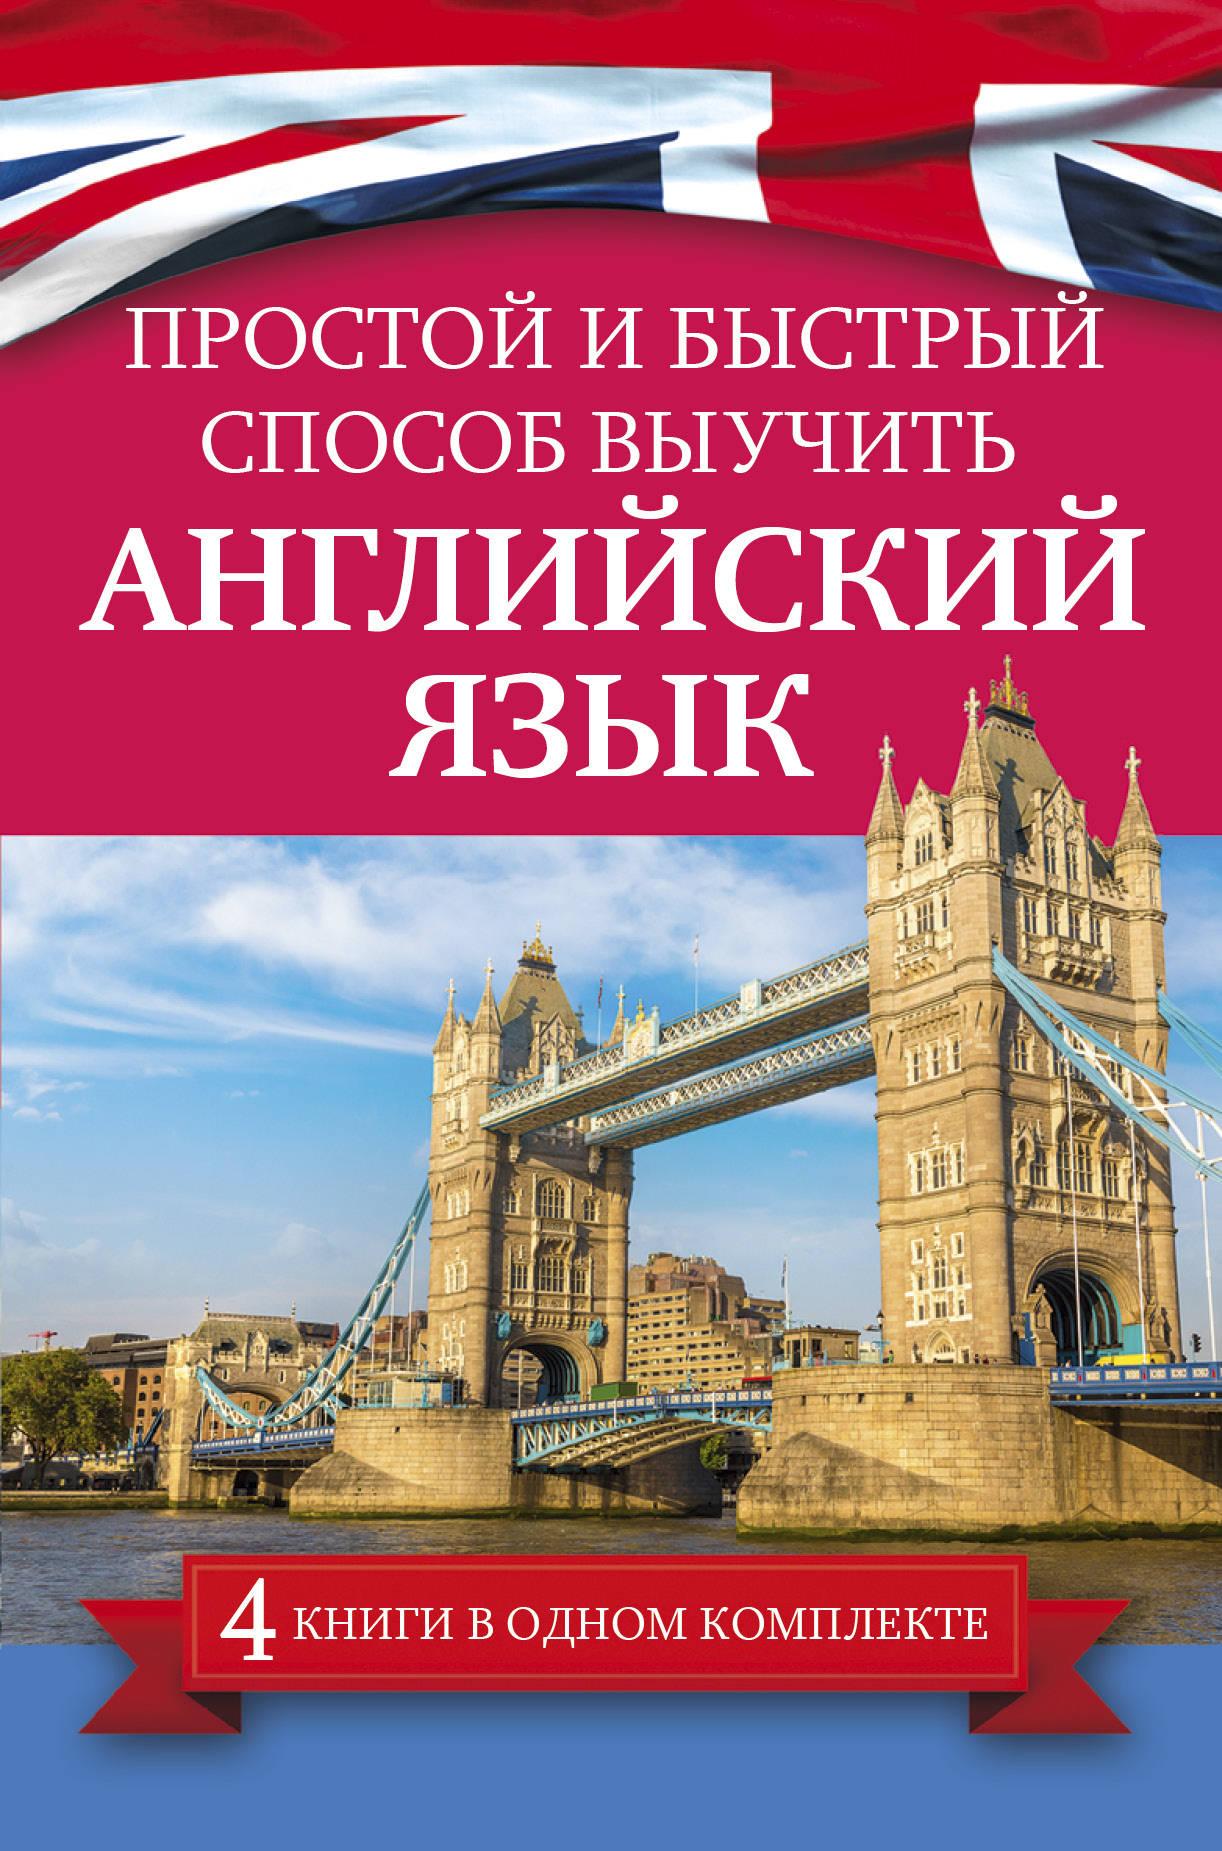 Елена Левко Простой и быстрый способ выучить английский язык (комплект из 4 книг + 2CD) быстрый способ выучить 5 языков комплект из 5 книг в упаковке